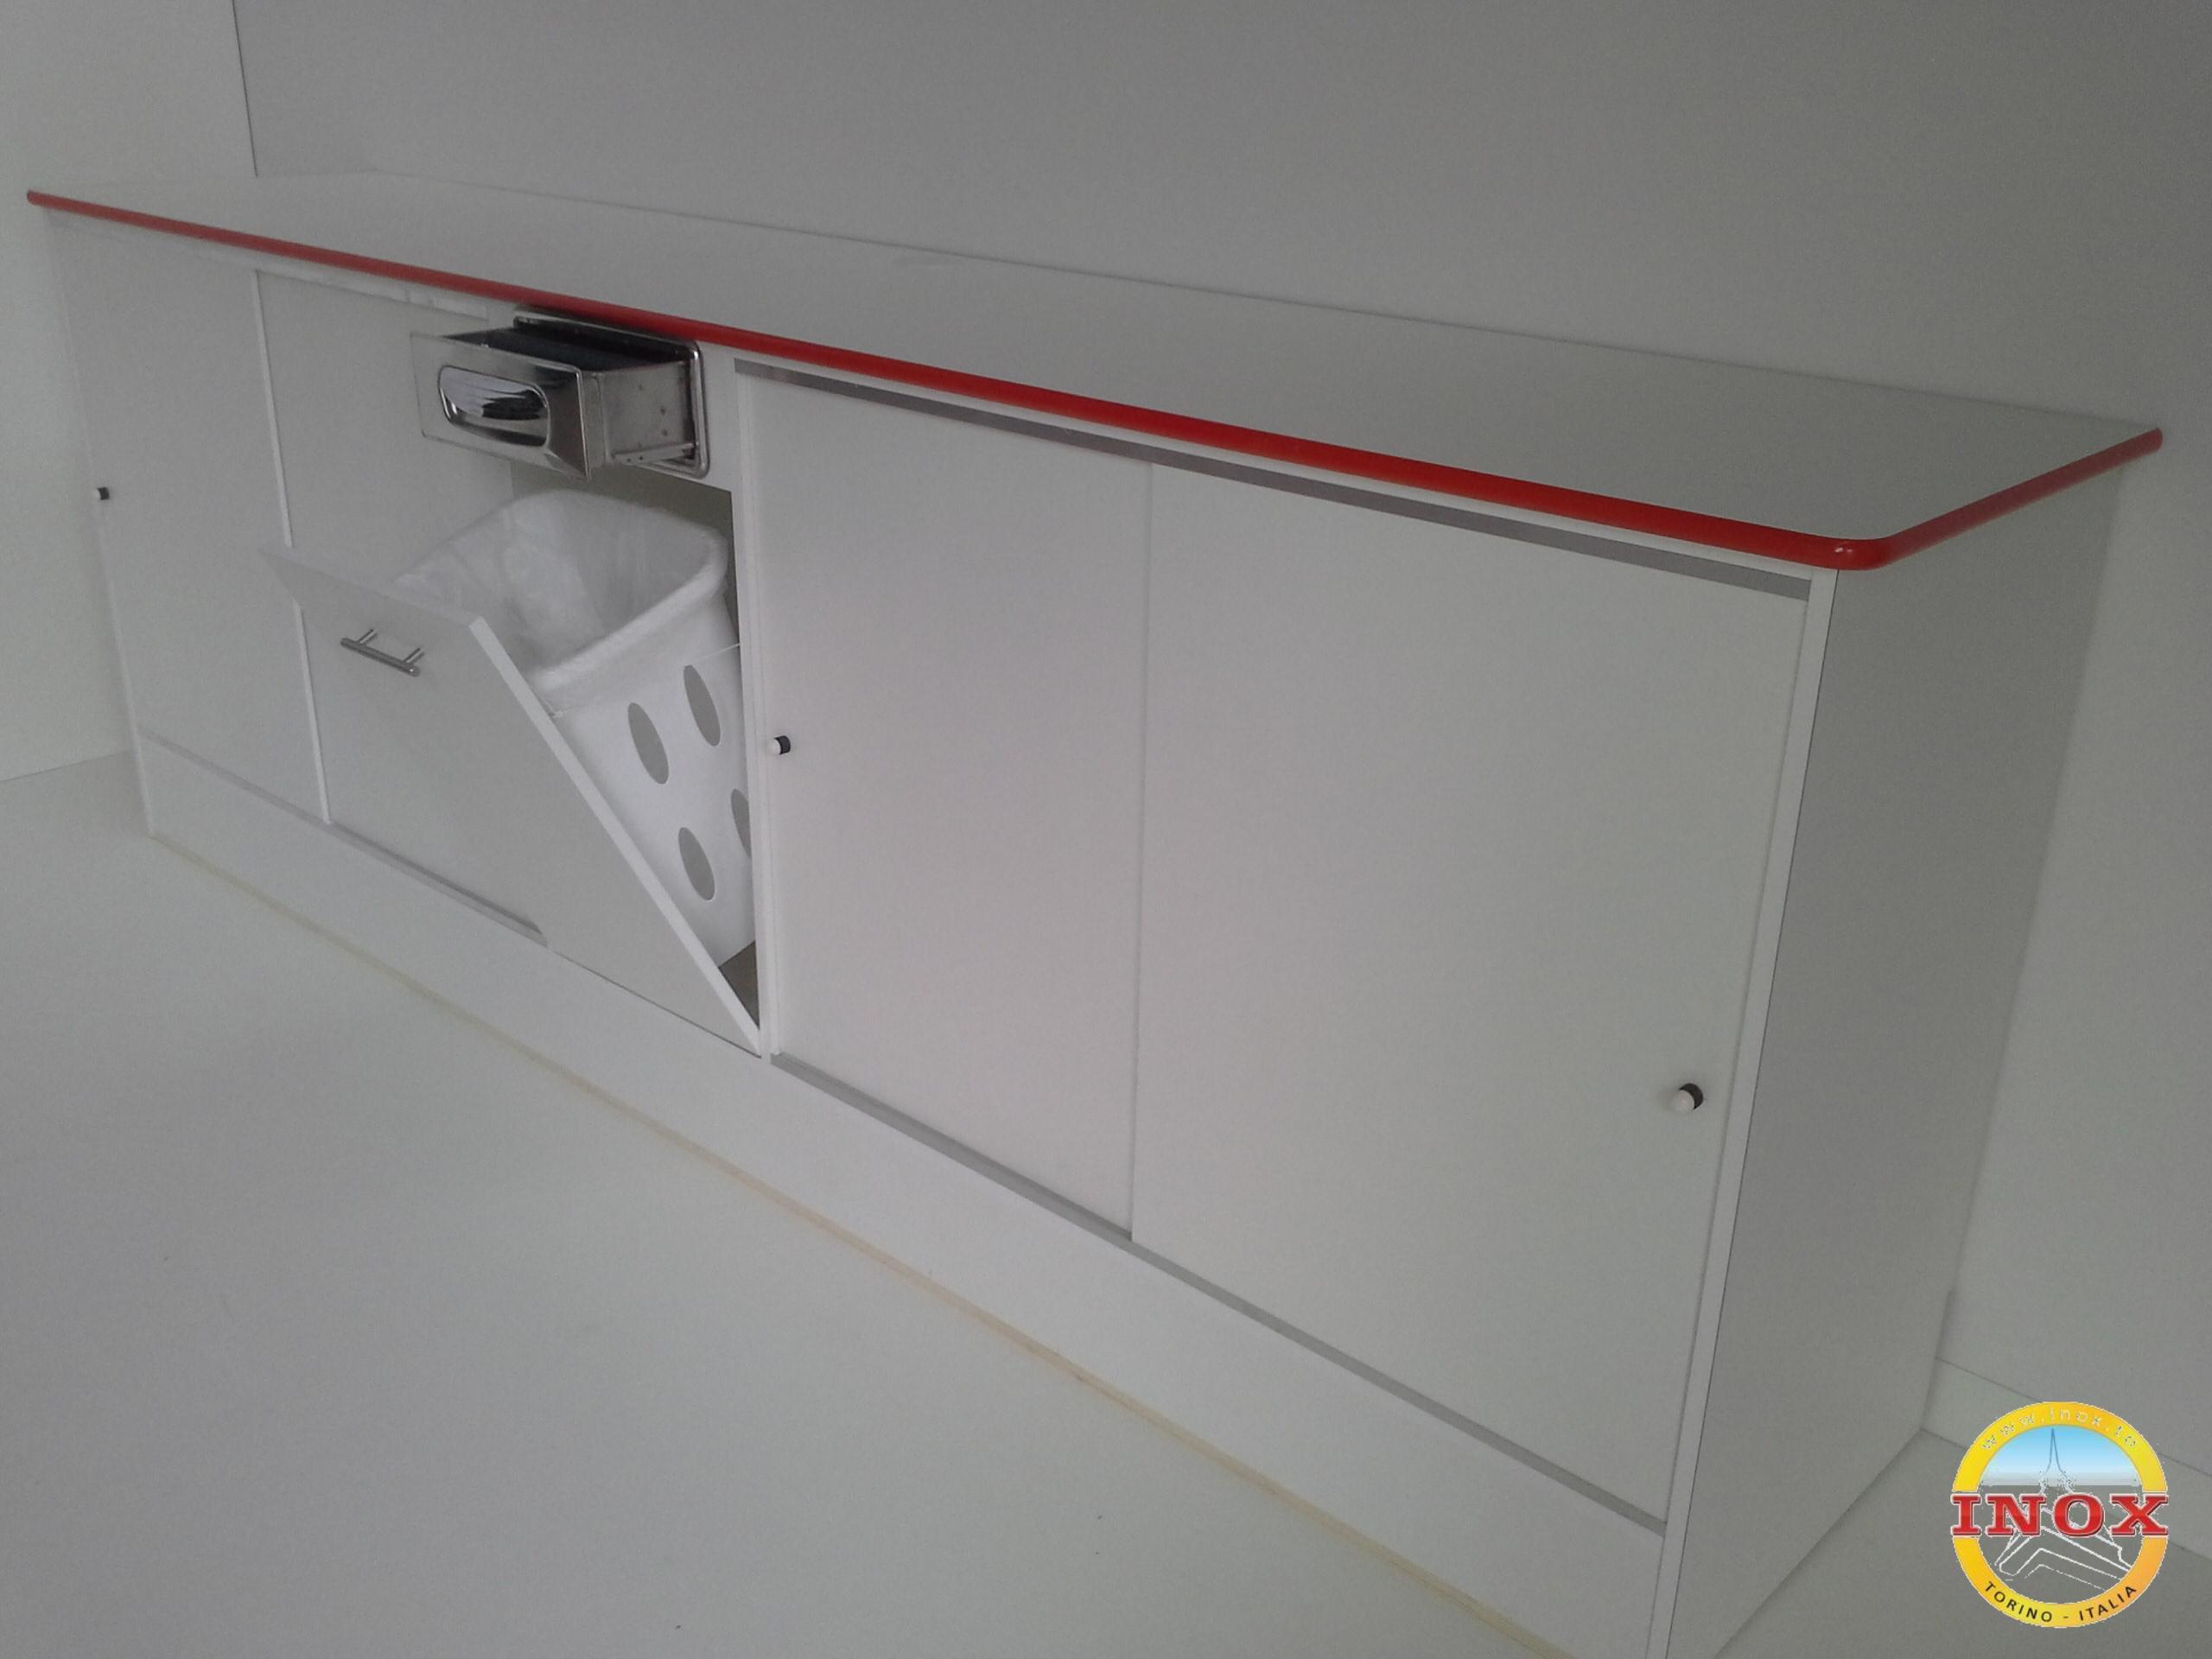 Retrobanco bar cm 300xp64xh110 in nobilitato art for Rb arredamenti